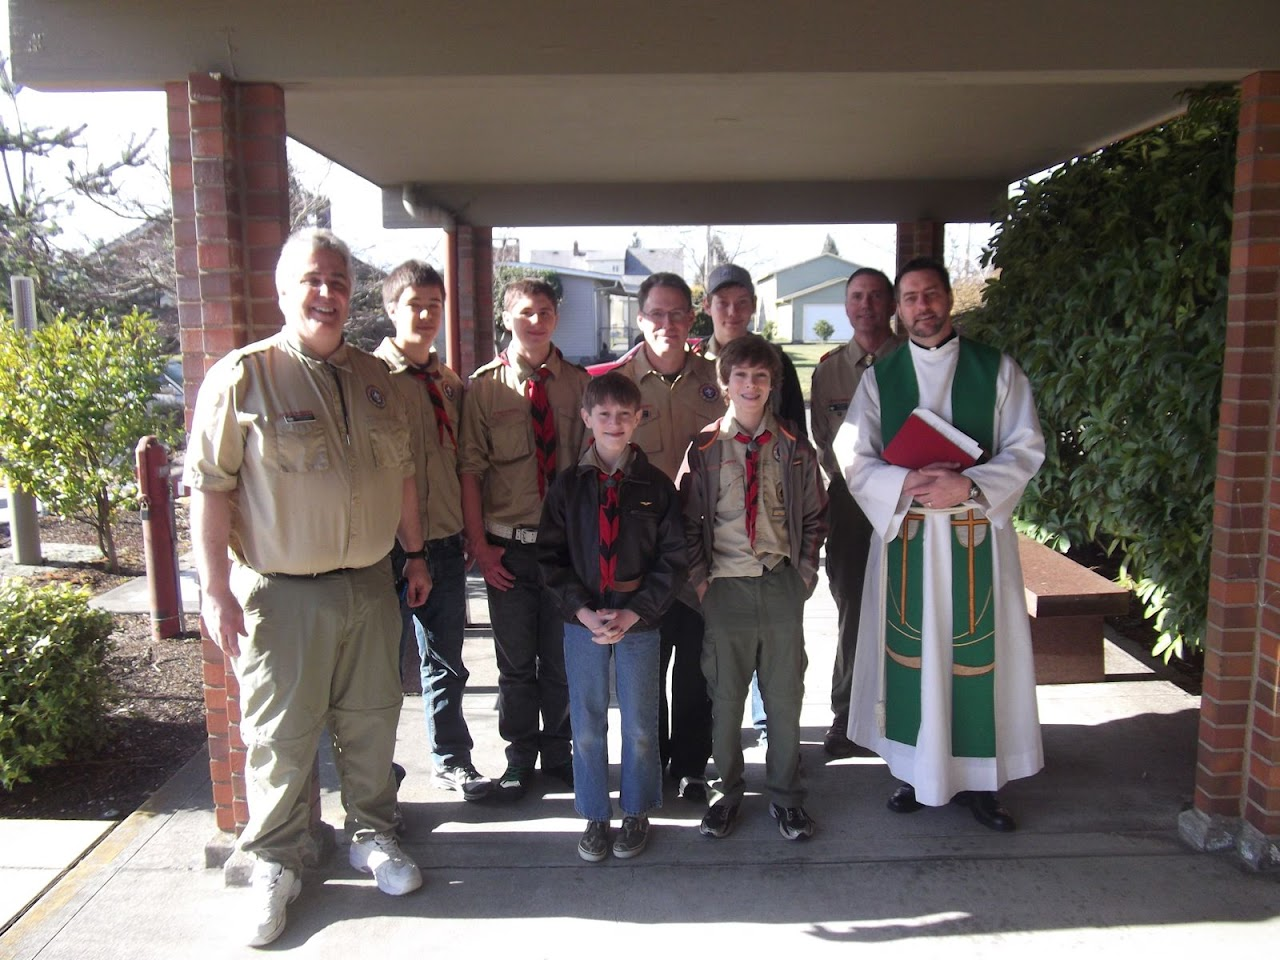 Scout Sunday 2012 - DSCF1167.JPG